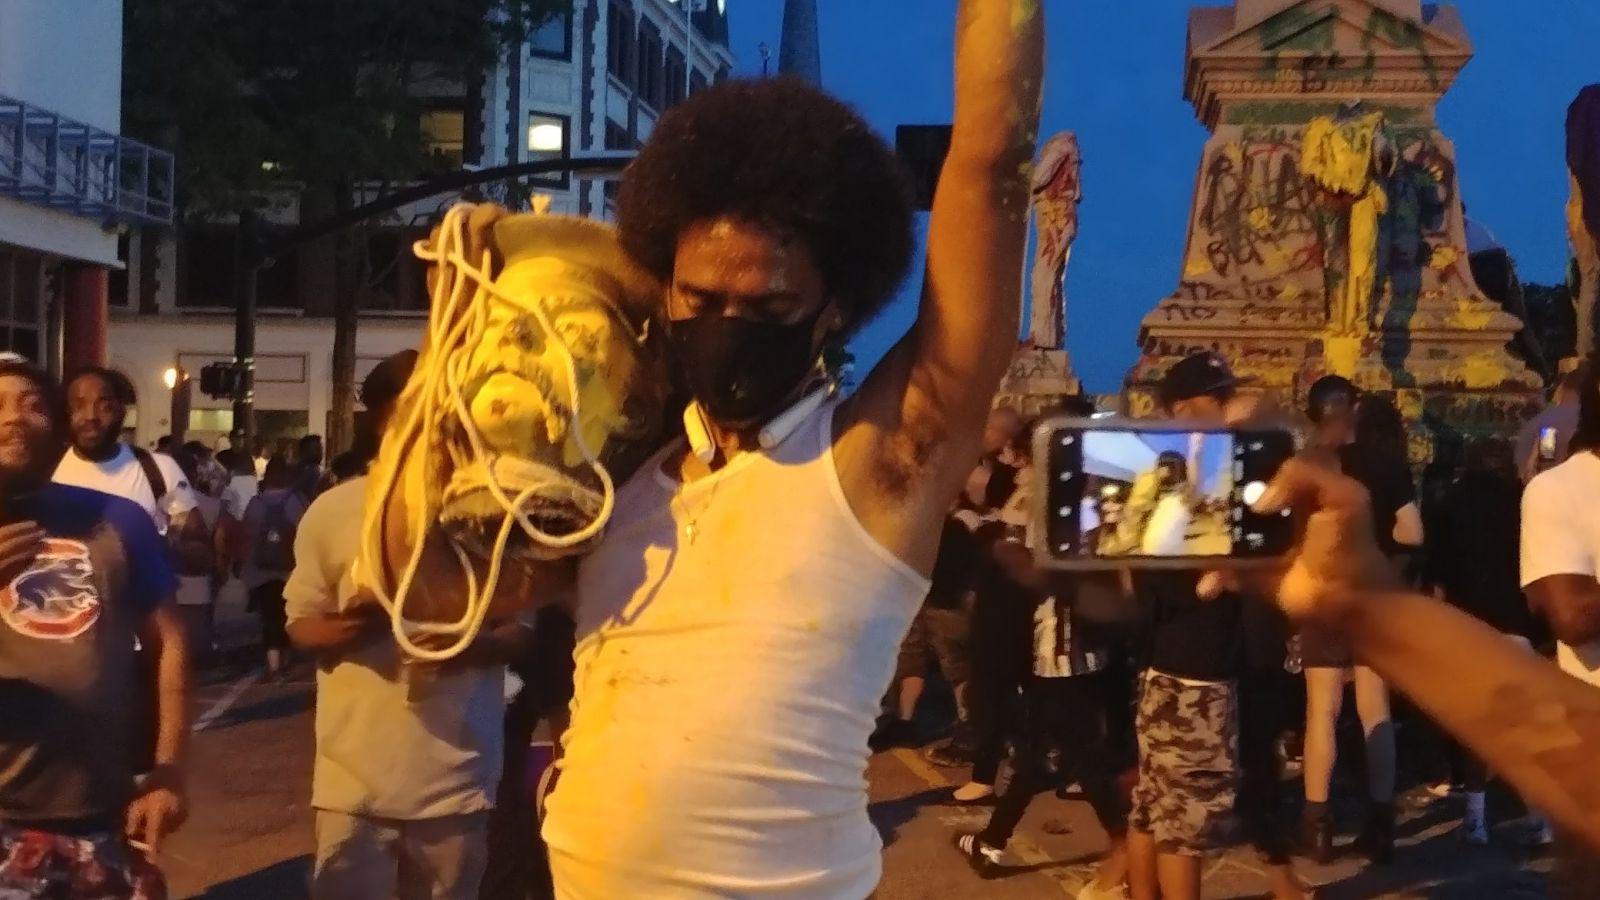 Памятник солдатам Конфедерации проломил голову одному из протестующих, к...